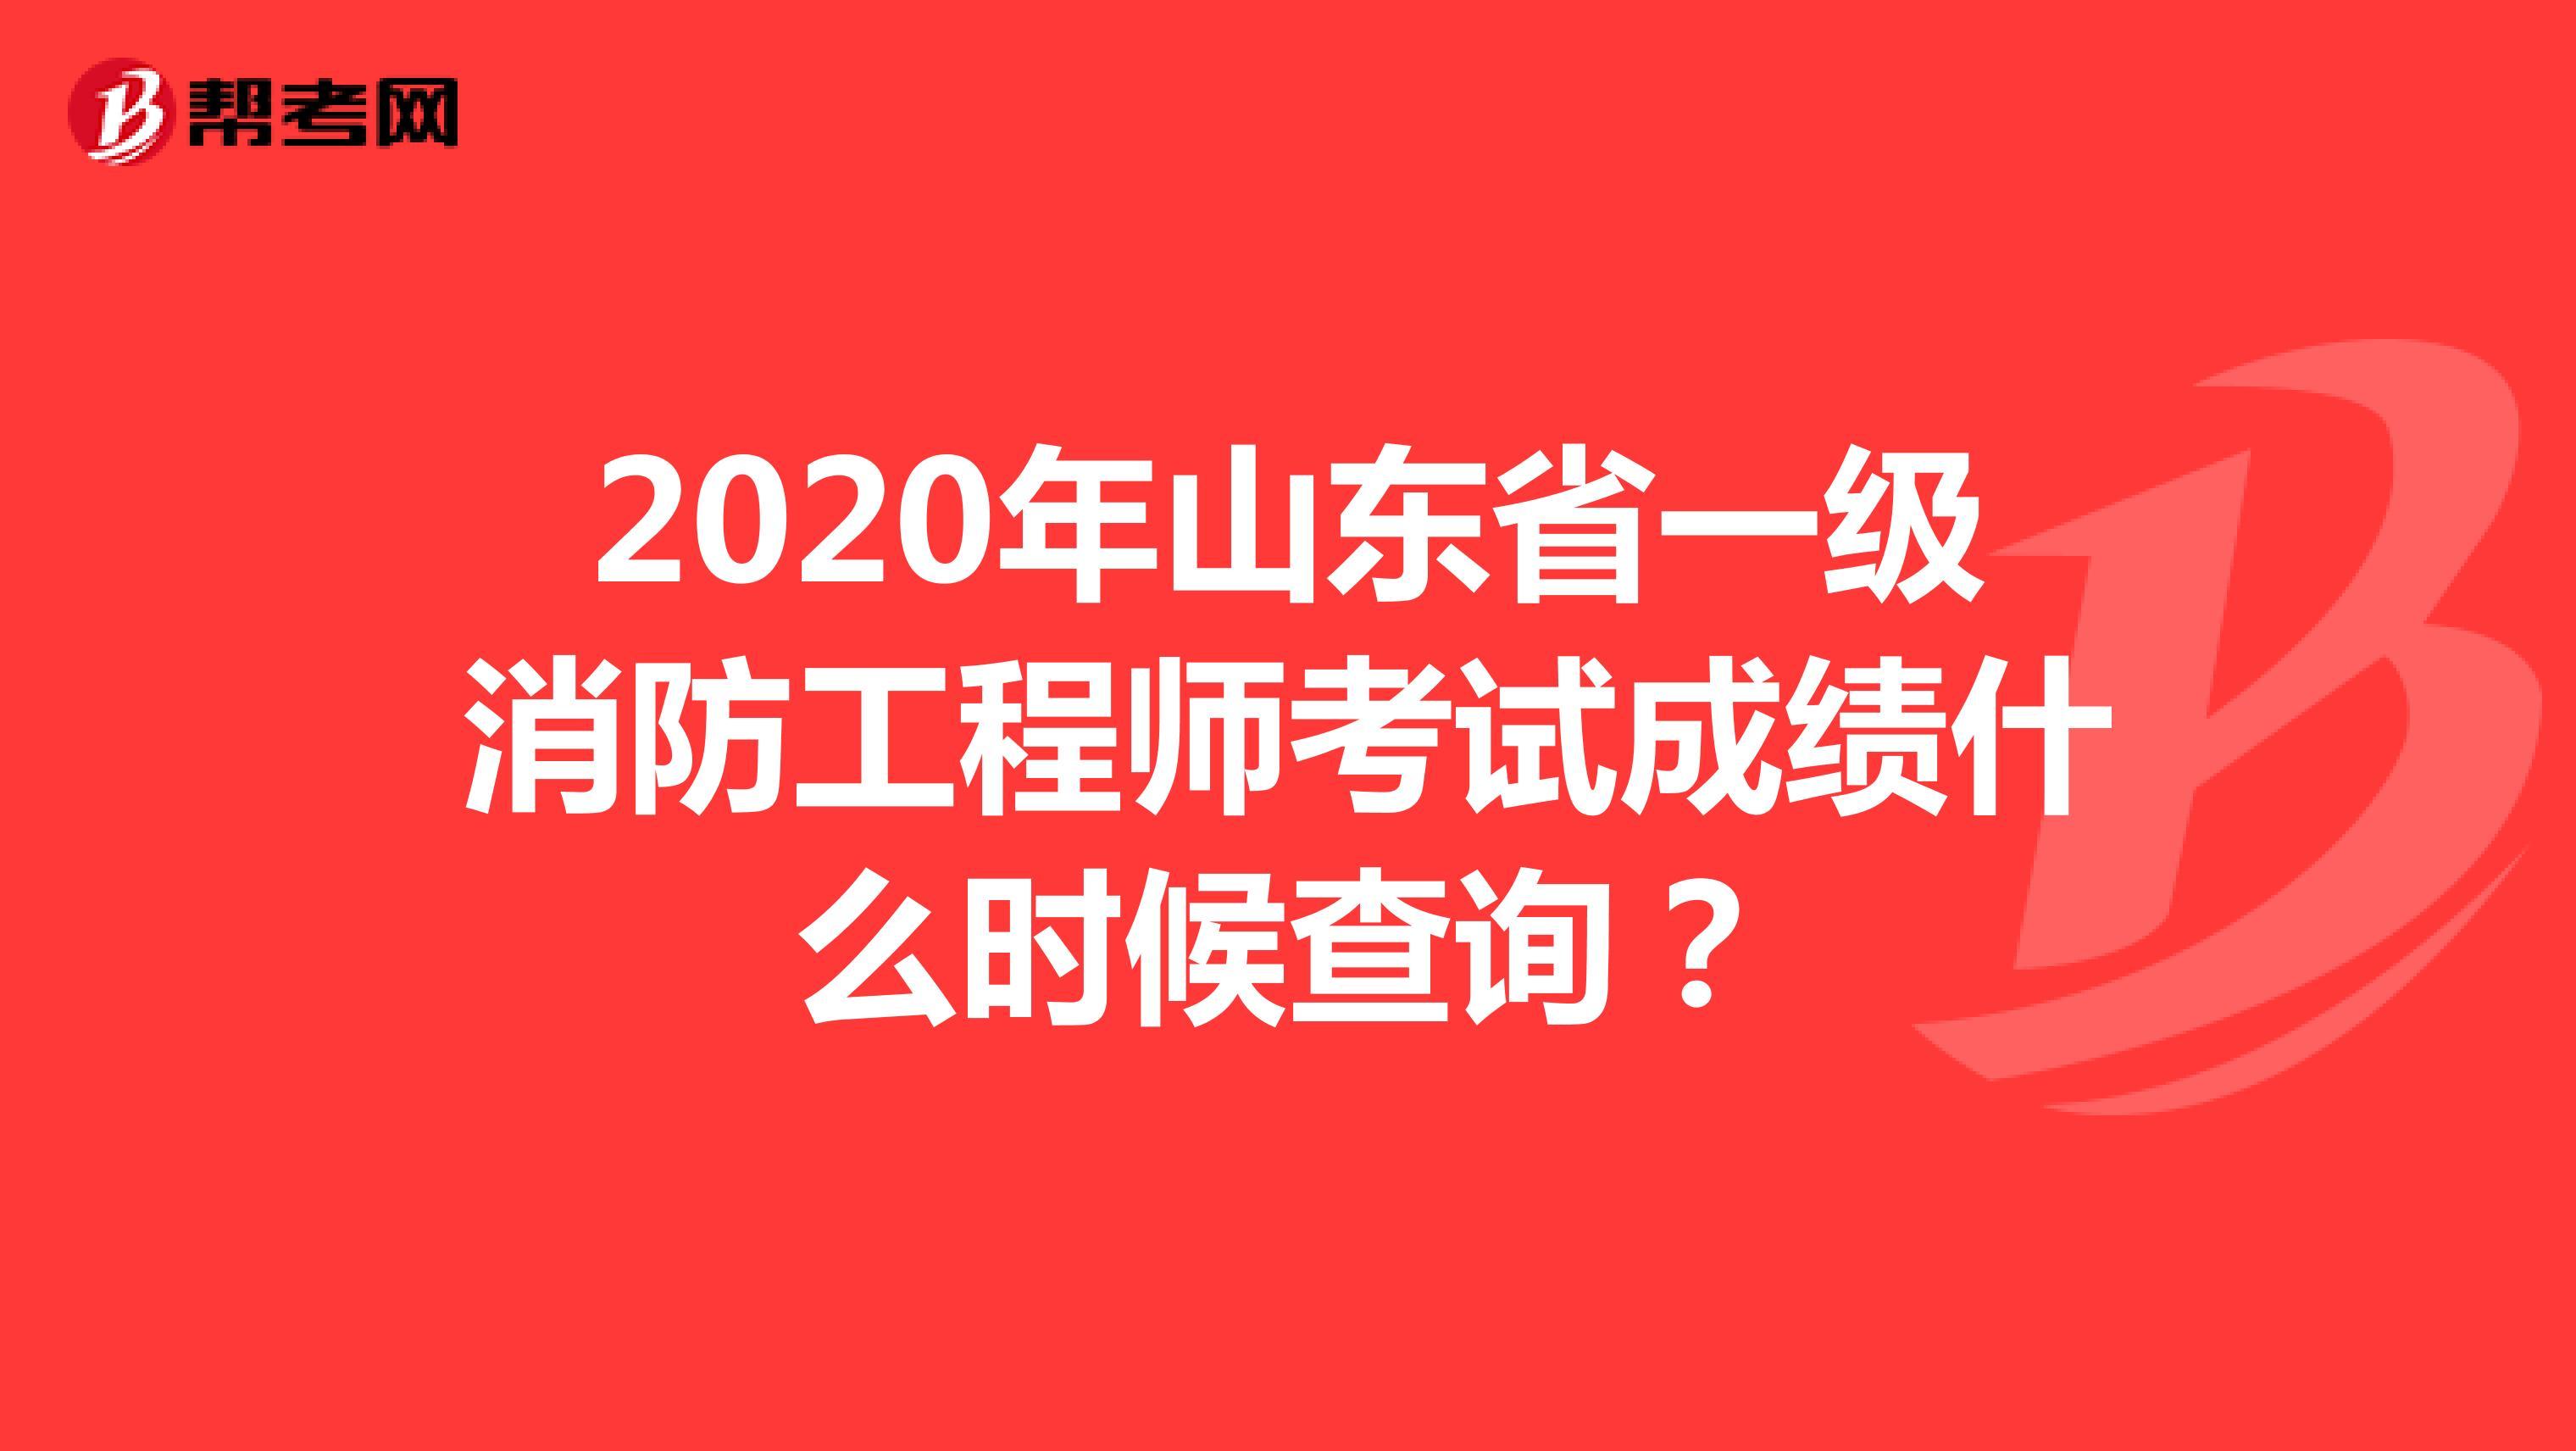 2020年山东省一级消防工程师考试成绩什么时候查询?